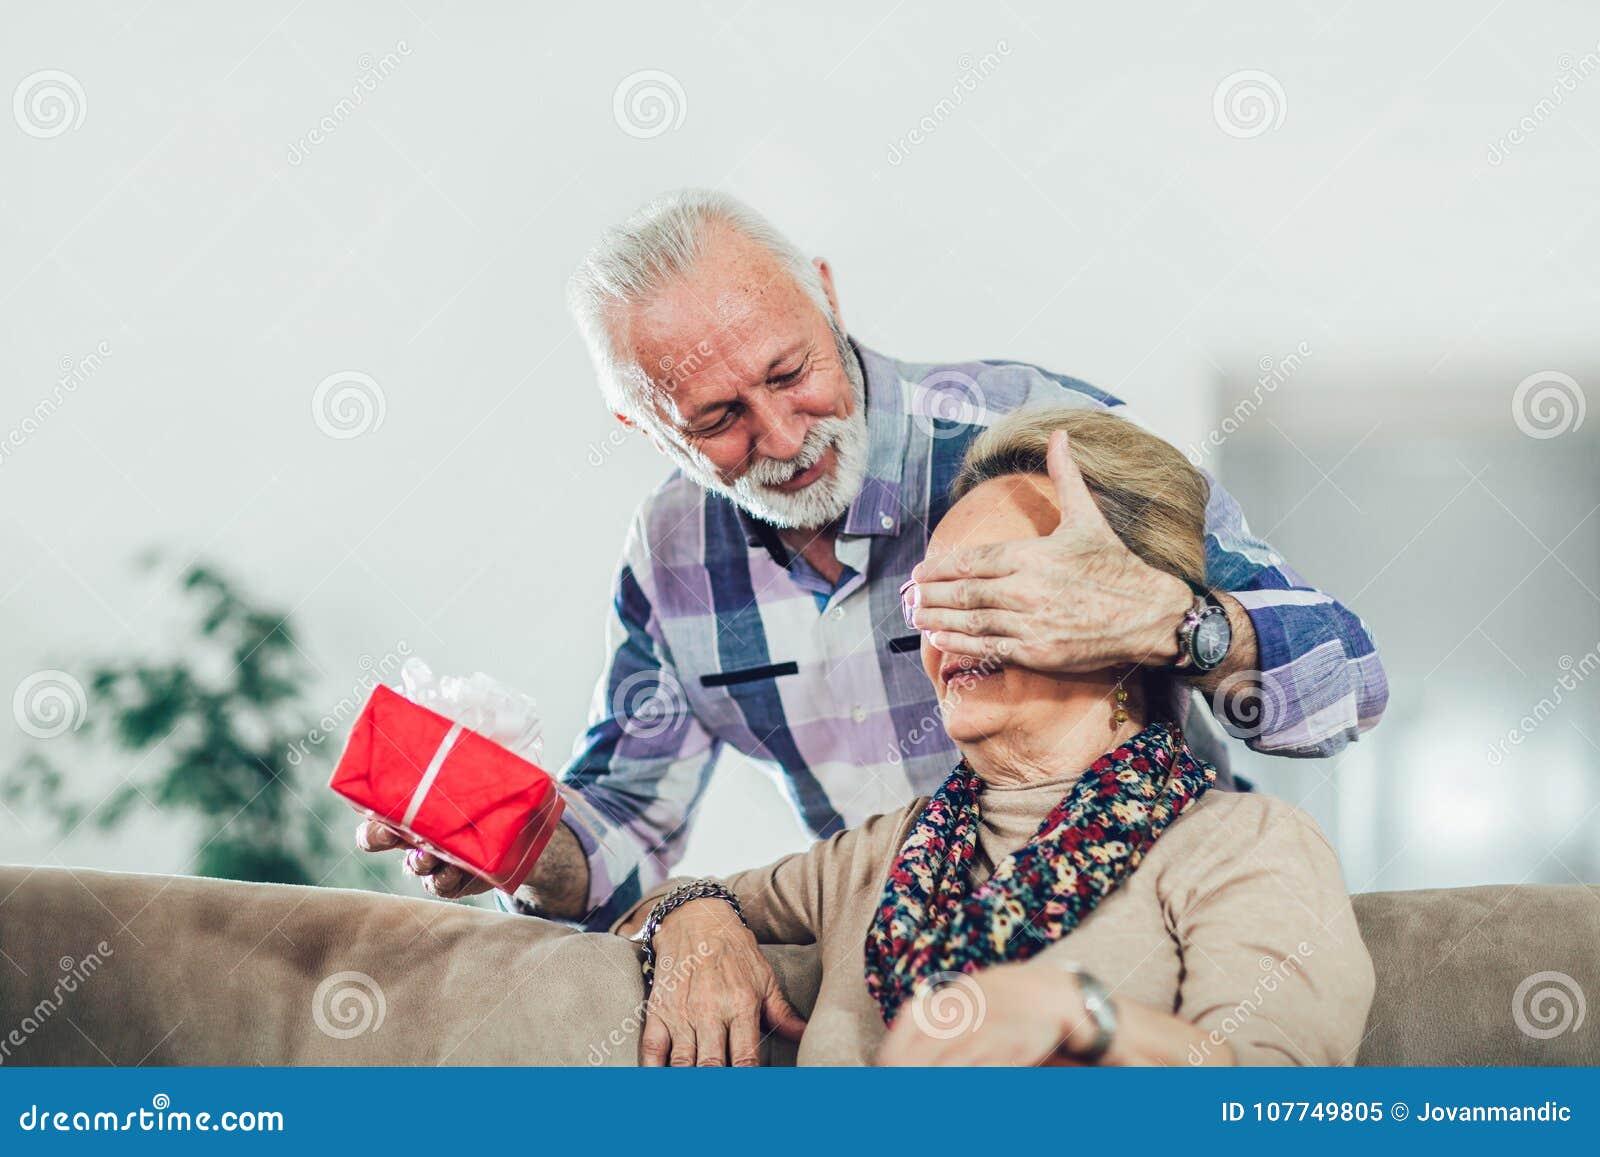 Ανώτερος άνδρας που δίνει ένα παρόν στη γυναίκα του